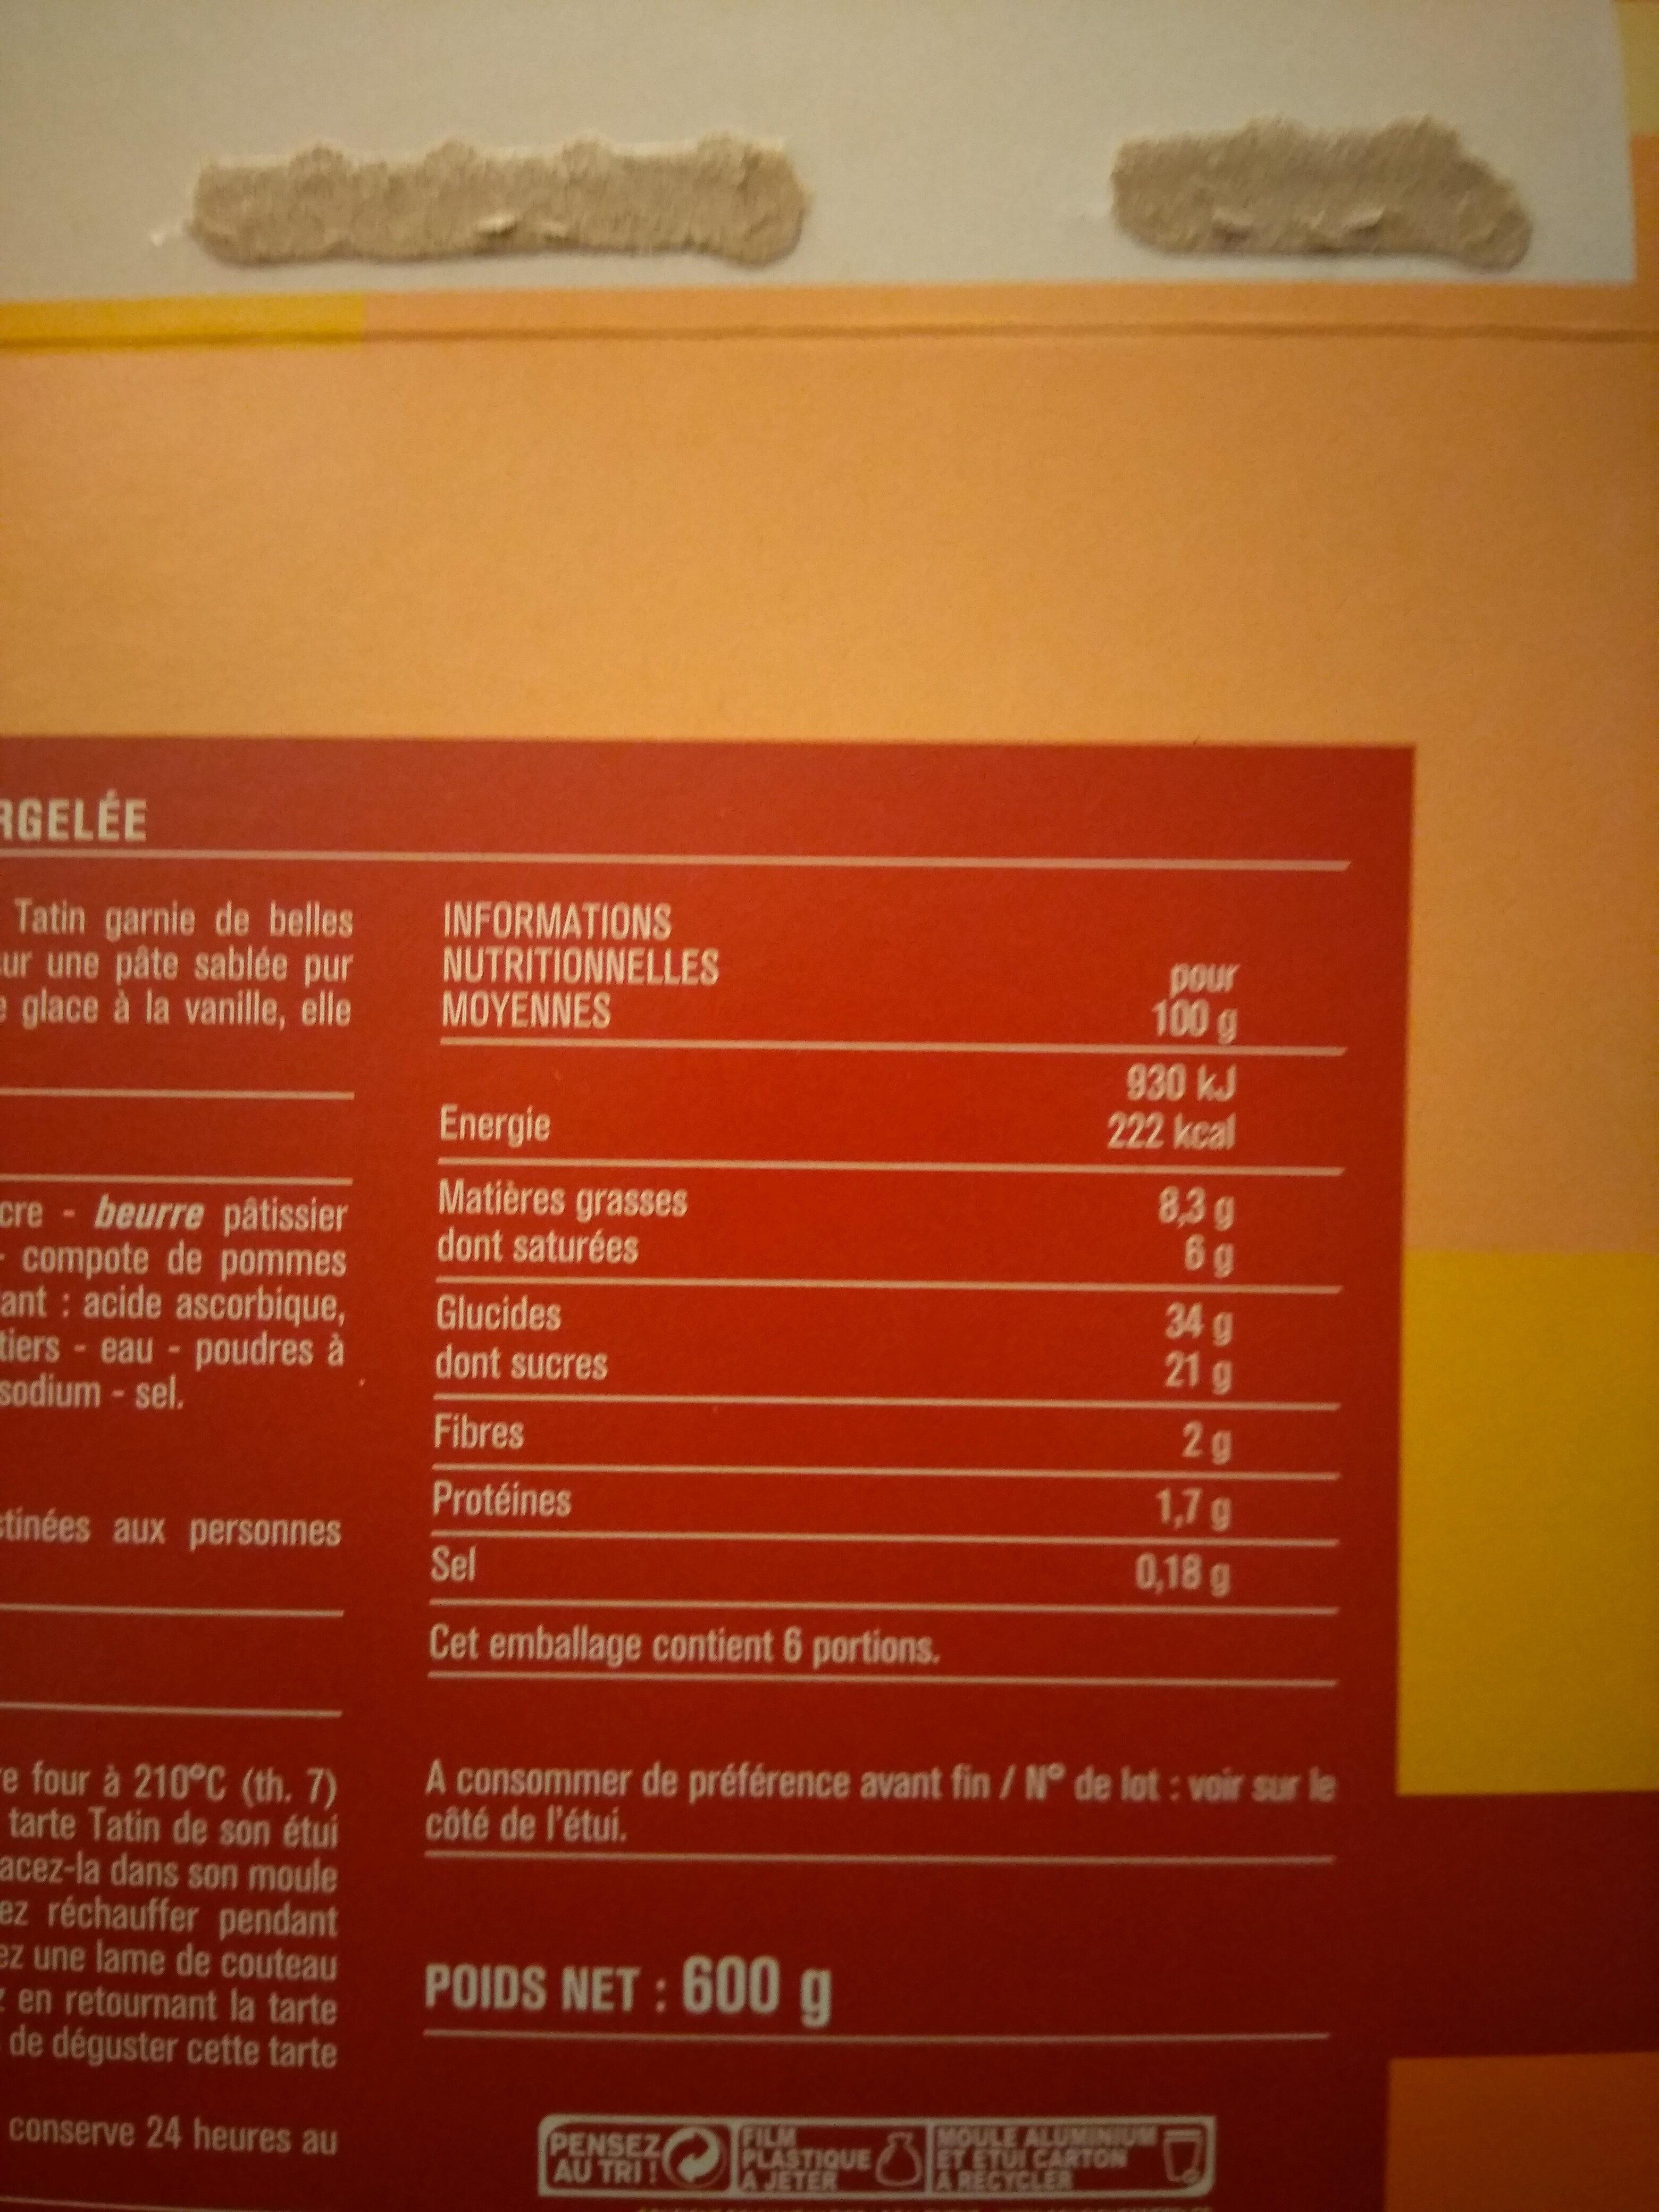 Tarte Tatin, déjà cuite - Informations nutritionnelles - fr